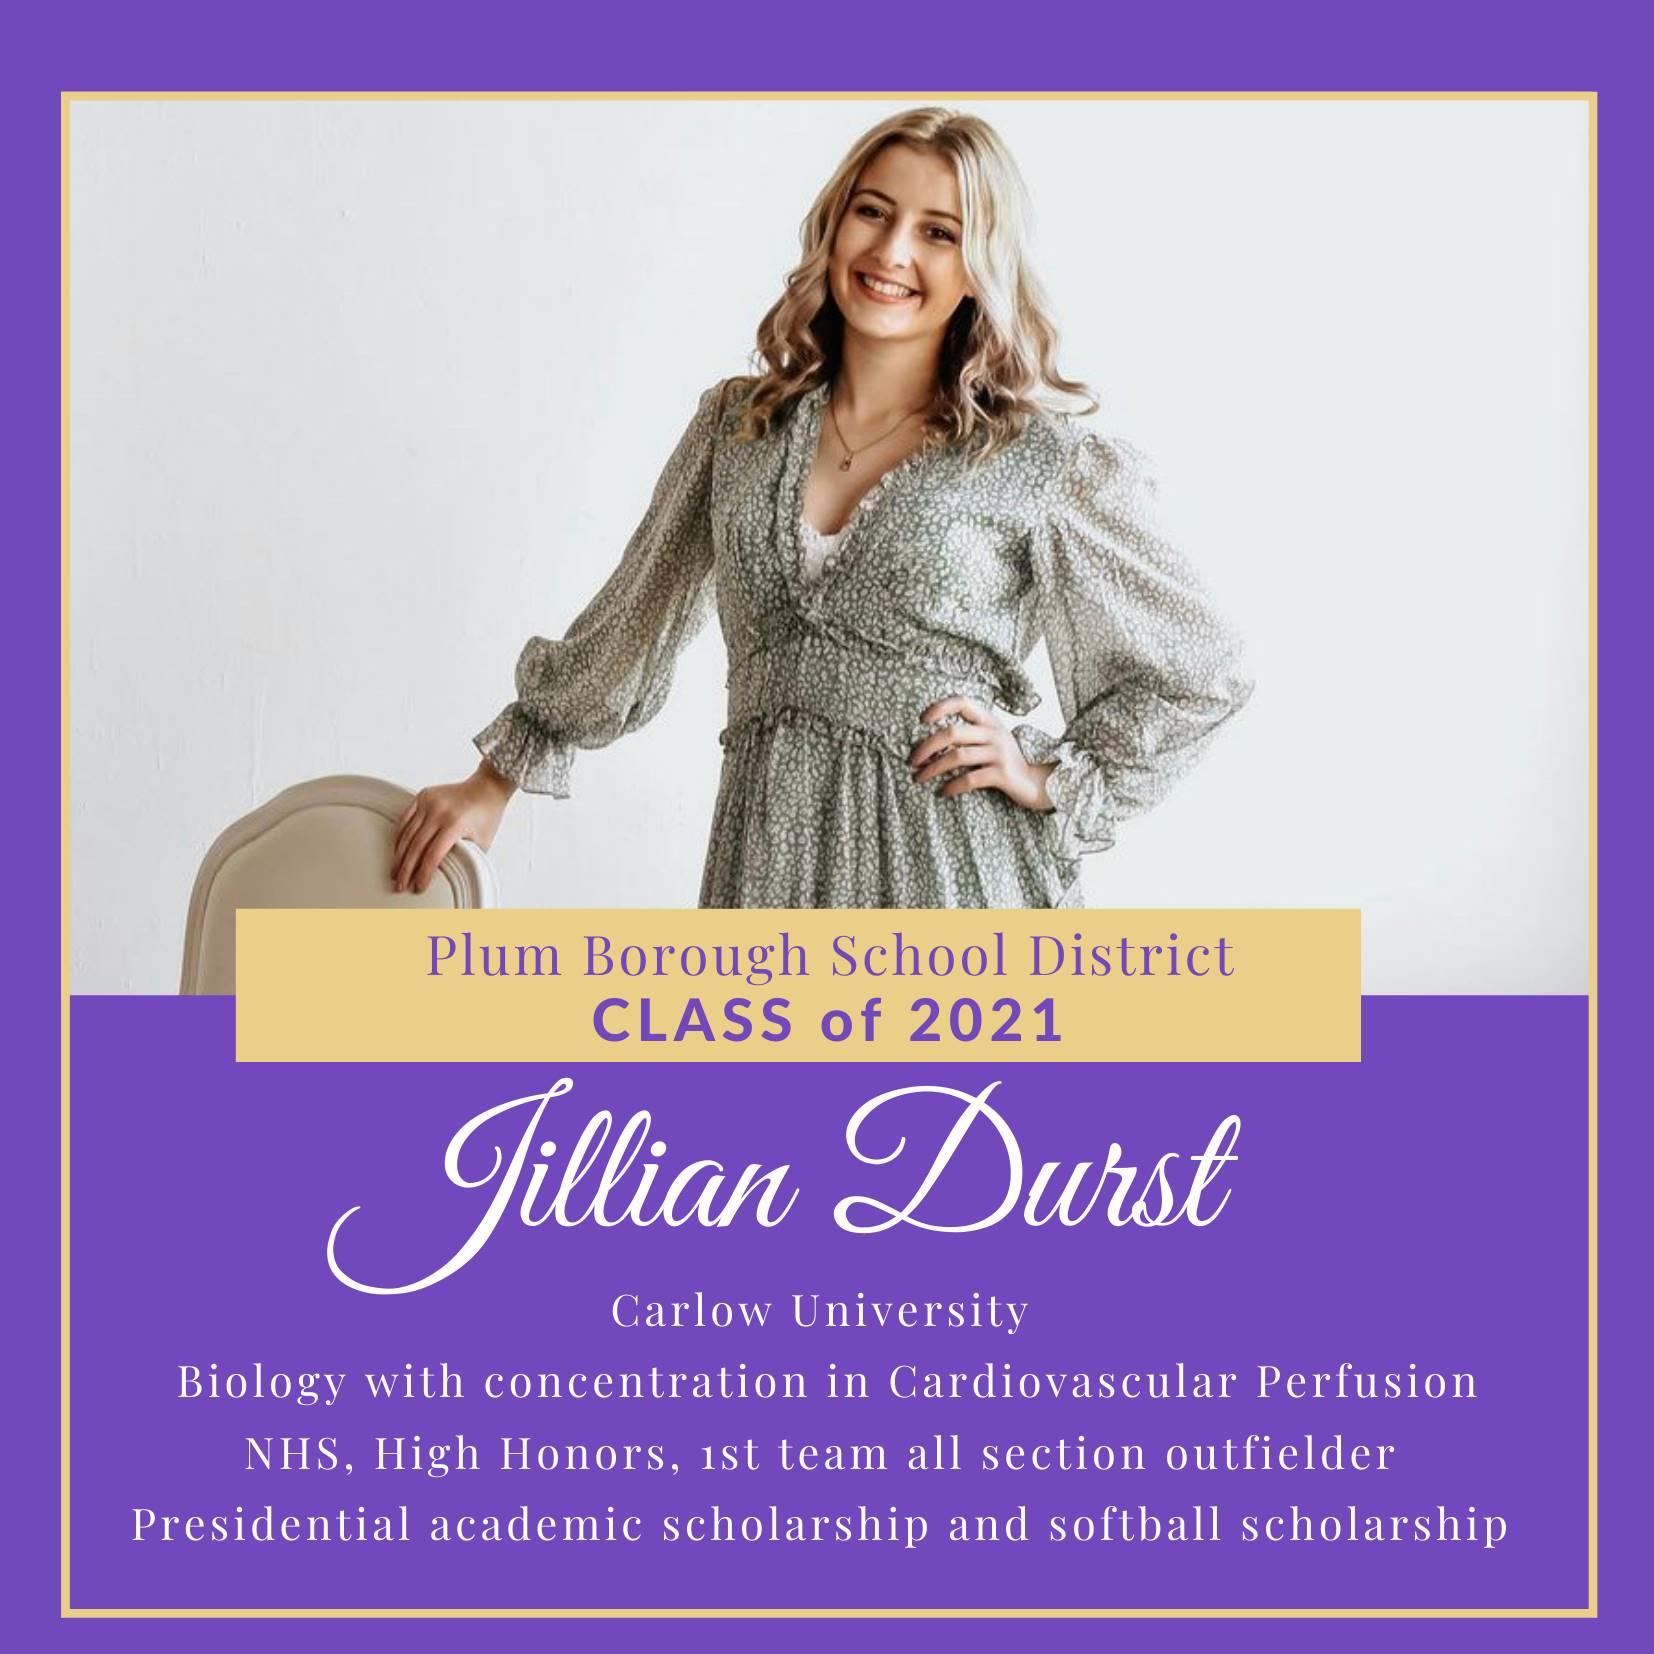 Congratulations to Jillian Durst, Class of 2021!